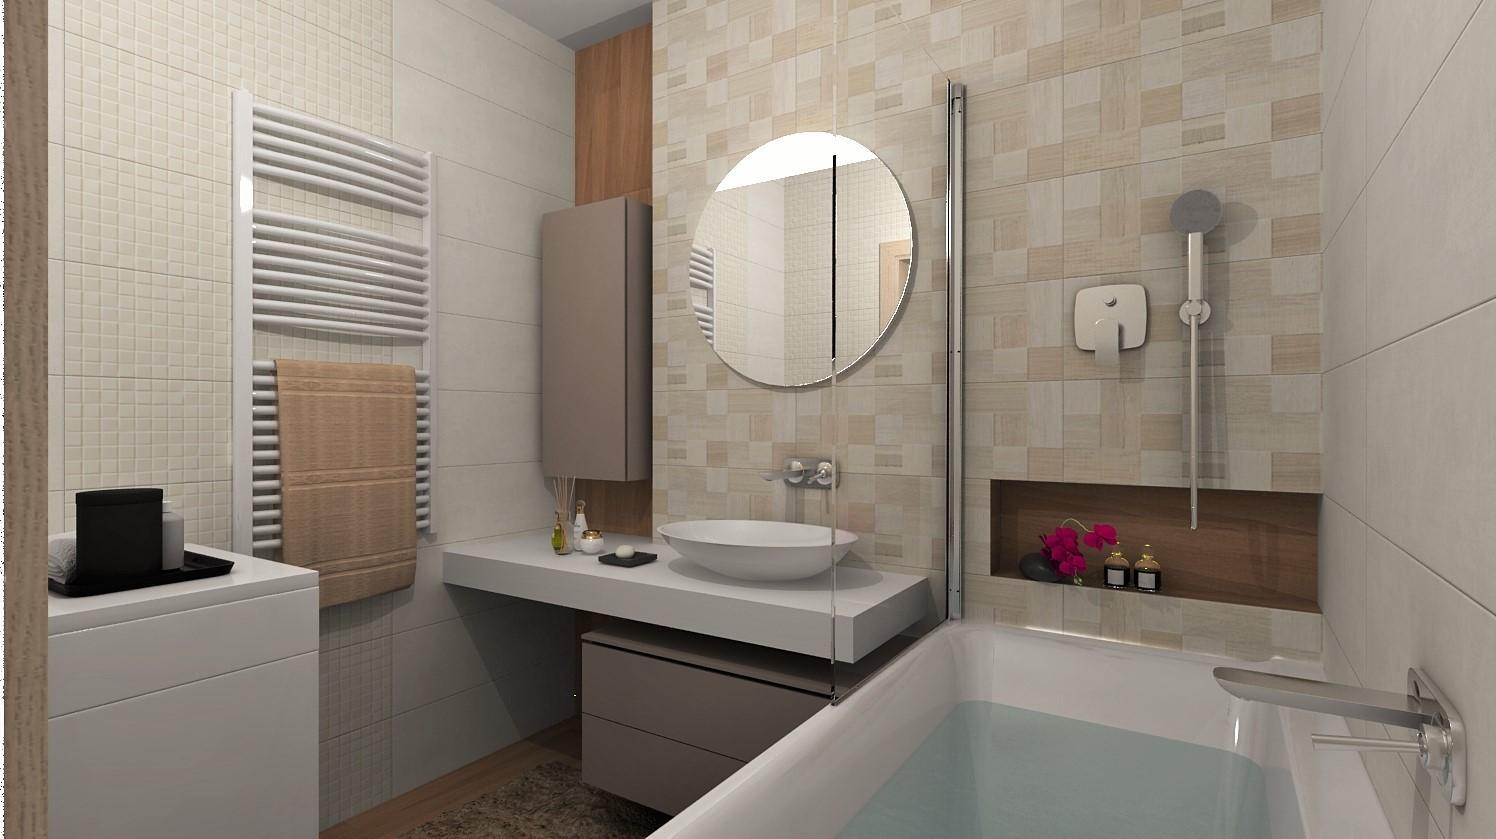 Návrhy a vizualizácie kúpeľní - Obrázok č. 92